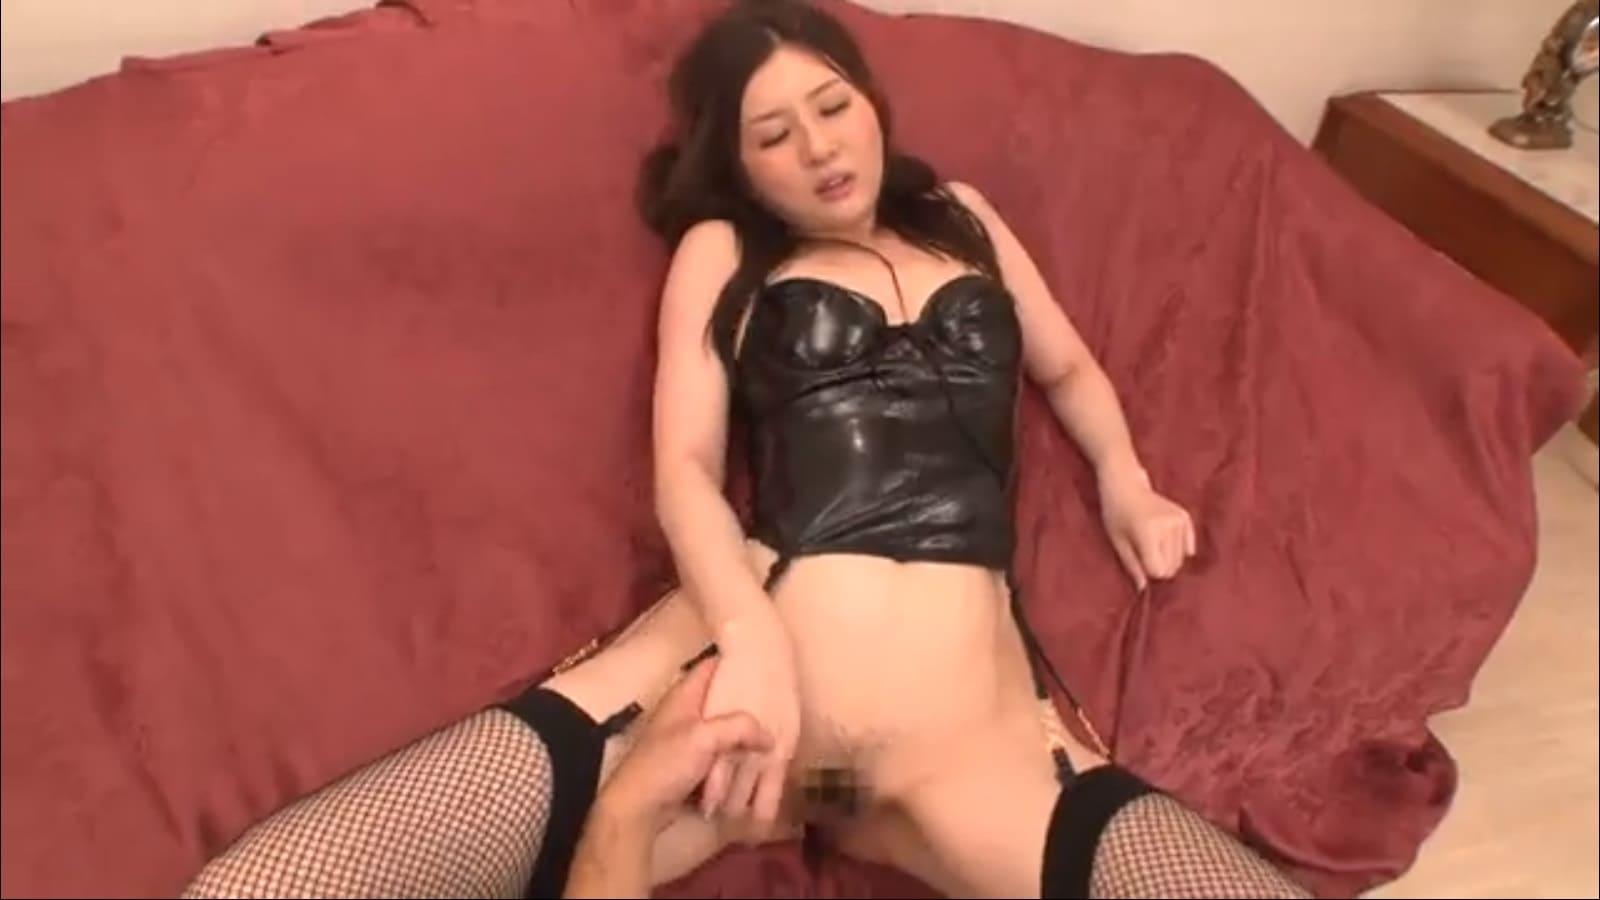 職業S女風俗嬢と違反行為セックス